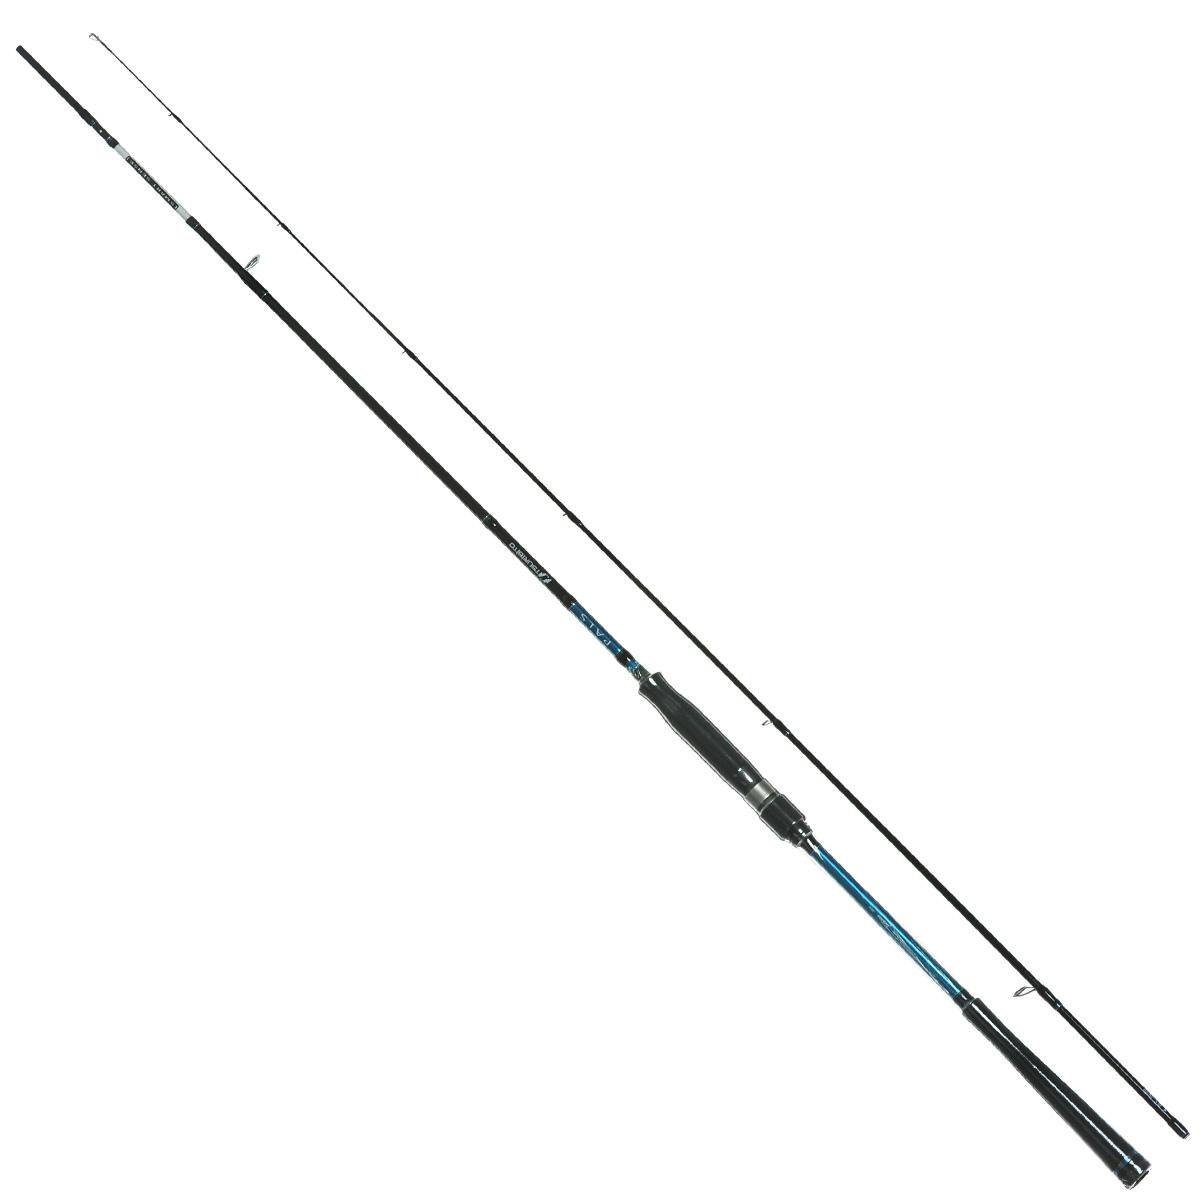 Удилище спиннинговое Tsuribito-Jackson Pals, 2,24 м, 6-20 г40608204Спиннинговое удилище Tsuribito-Jackson Pals подойдет как для ловли с лодки, так и с берега. Быстрый строй, отличная сенсорика. Бланк хорошо нагружается - бросковые характеристики этого удилища выше всяких похвал. Спиннинг Tsuribito-Jackson Pals получился универсальным. Отлично подходят для джига, отводного поводка, ловли блеснами всех типов. При разработке удилища основное внимание уделялось: Качеству: все удилища выполнены на основе бланков из высокомодульного карбона, оснащены кольцами и катушкодержателем от FUJI. Рабочим характеристикам: высокой чувствительности и прочности бланков, дальности заброса. Дизайну и эргономике: удилище выполнено в современном японском стиле. Вкусовым предпочтениям конечного потребителя: расстановке колец, строю, тестовым диапазонам. Экономике: при высочайшем качестве продукта, цена на удилище приятно удивит как конечного потребителя, так и дистрибьютора.Тест: 6-20 г.Строй: быстрый.